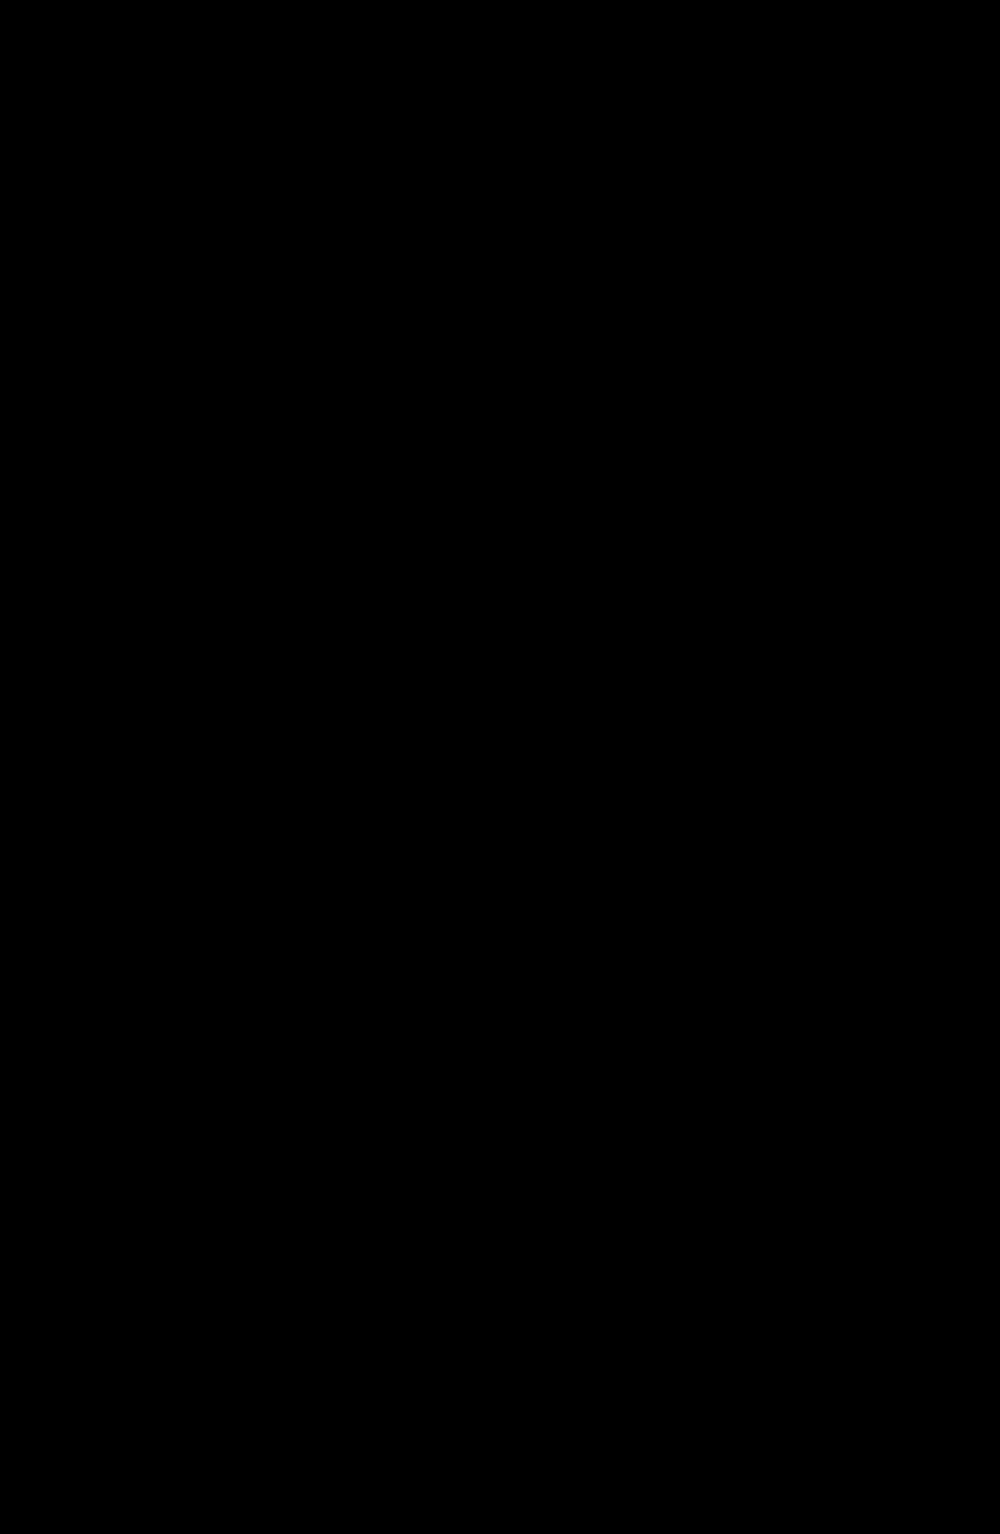 Логотип PLBY